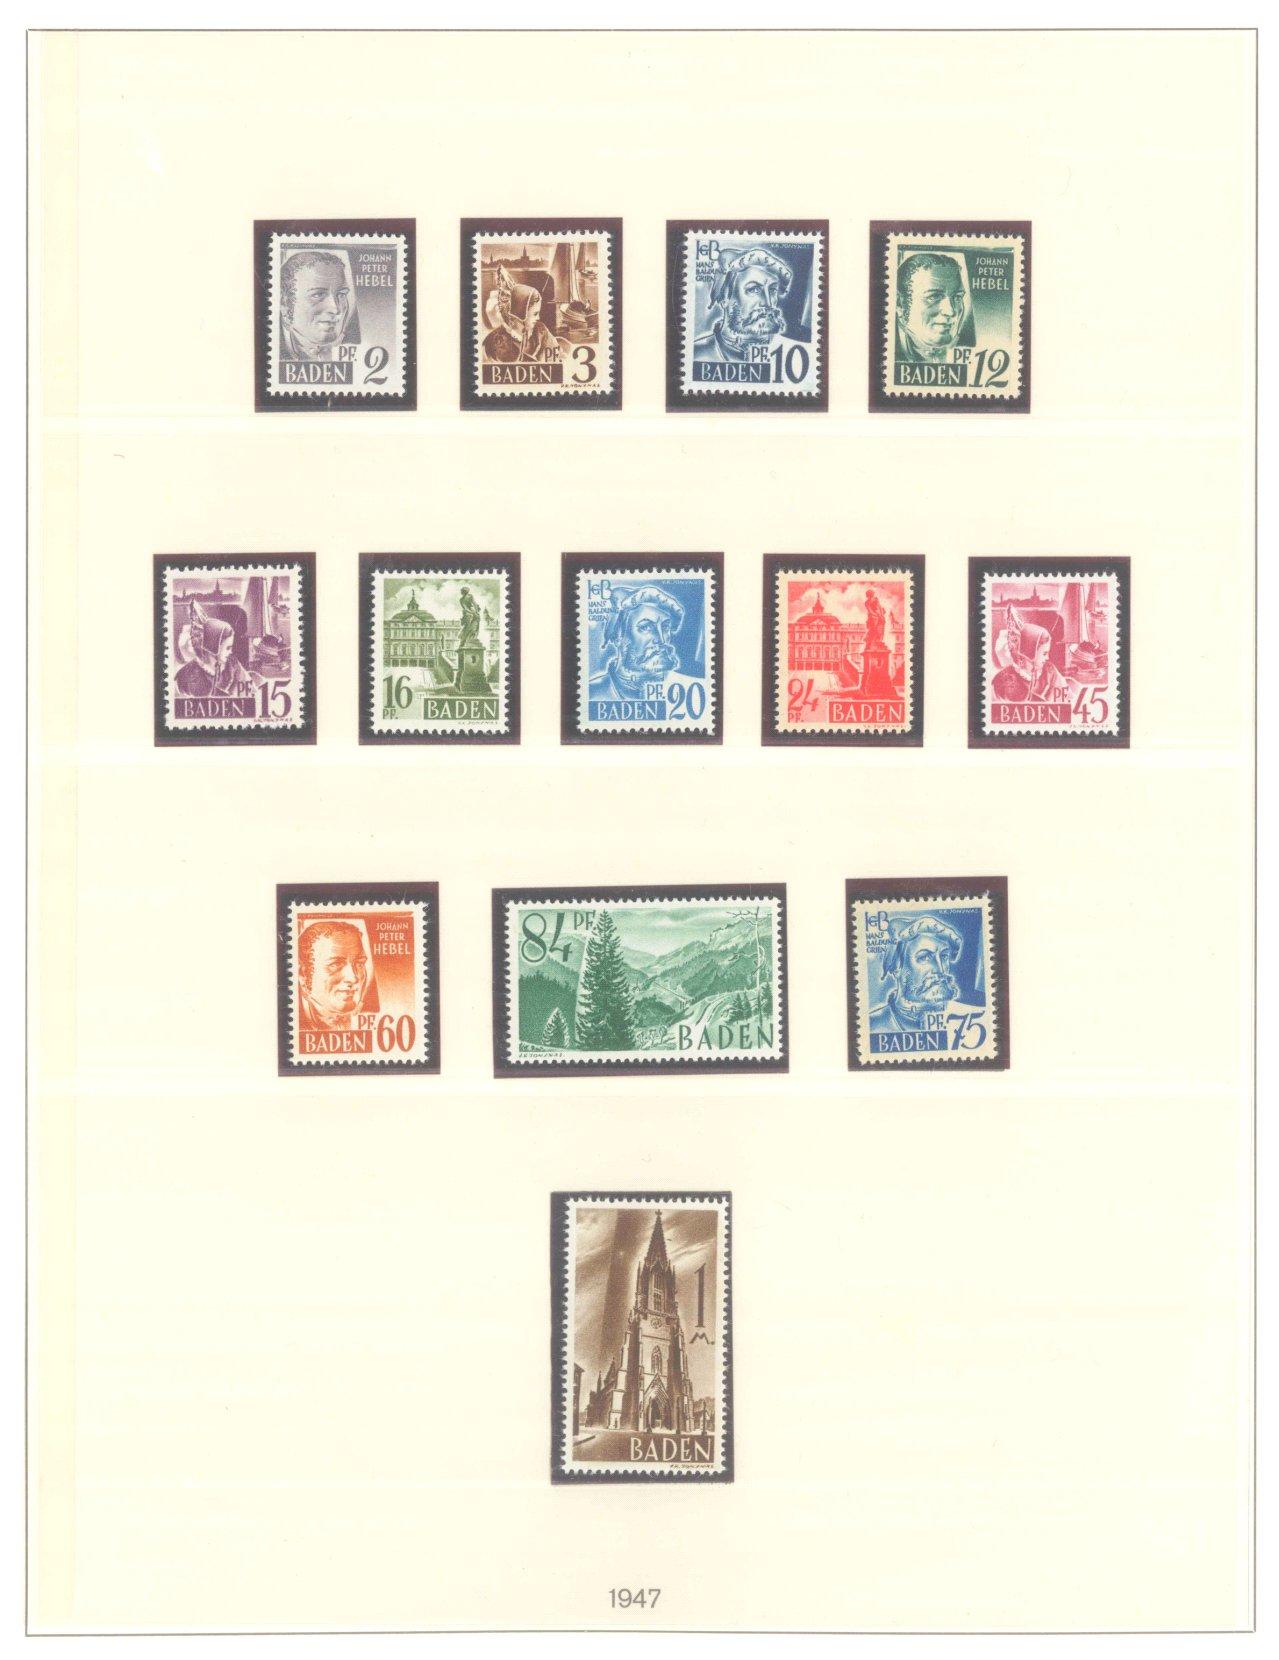 FRANZÖSISCHE ZONE BADEN 1947-1949-1